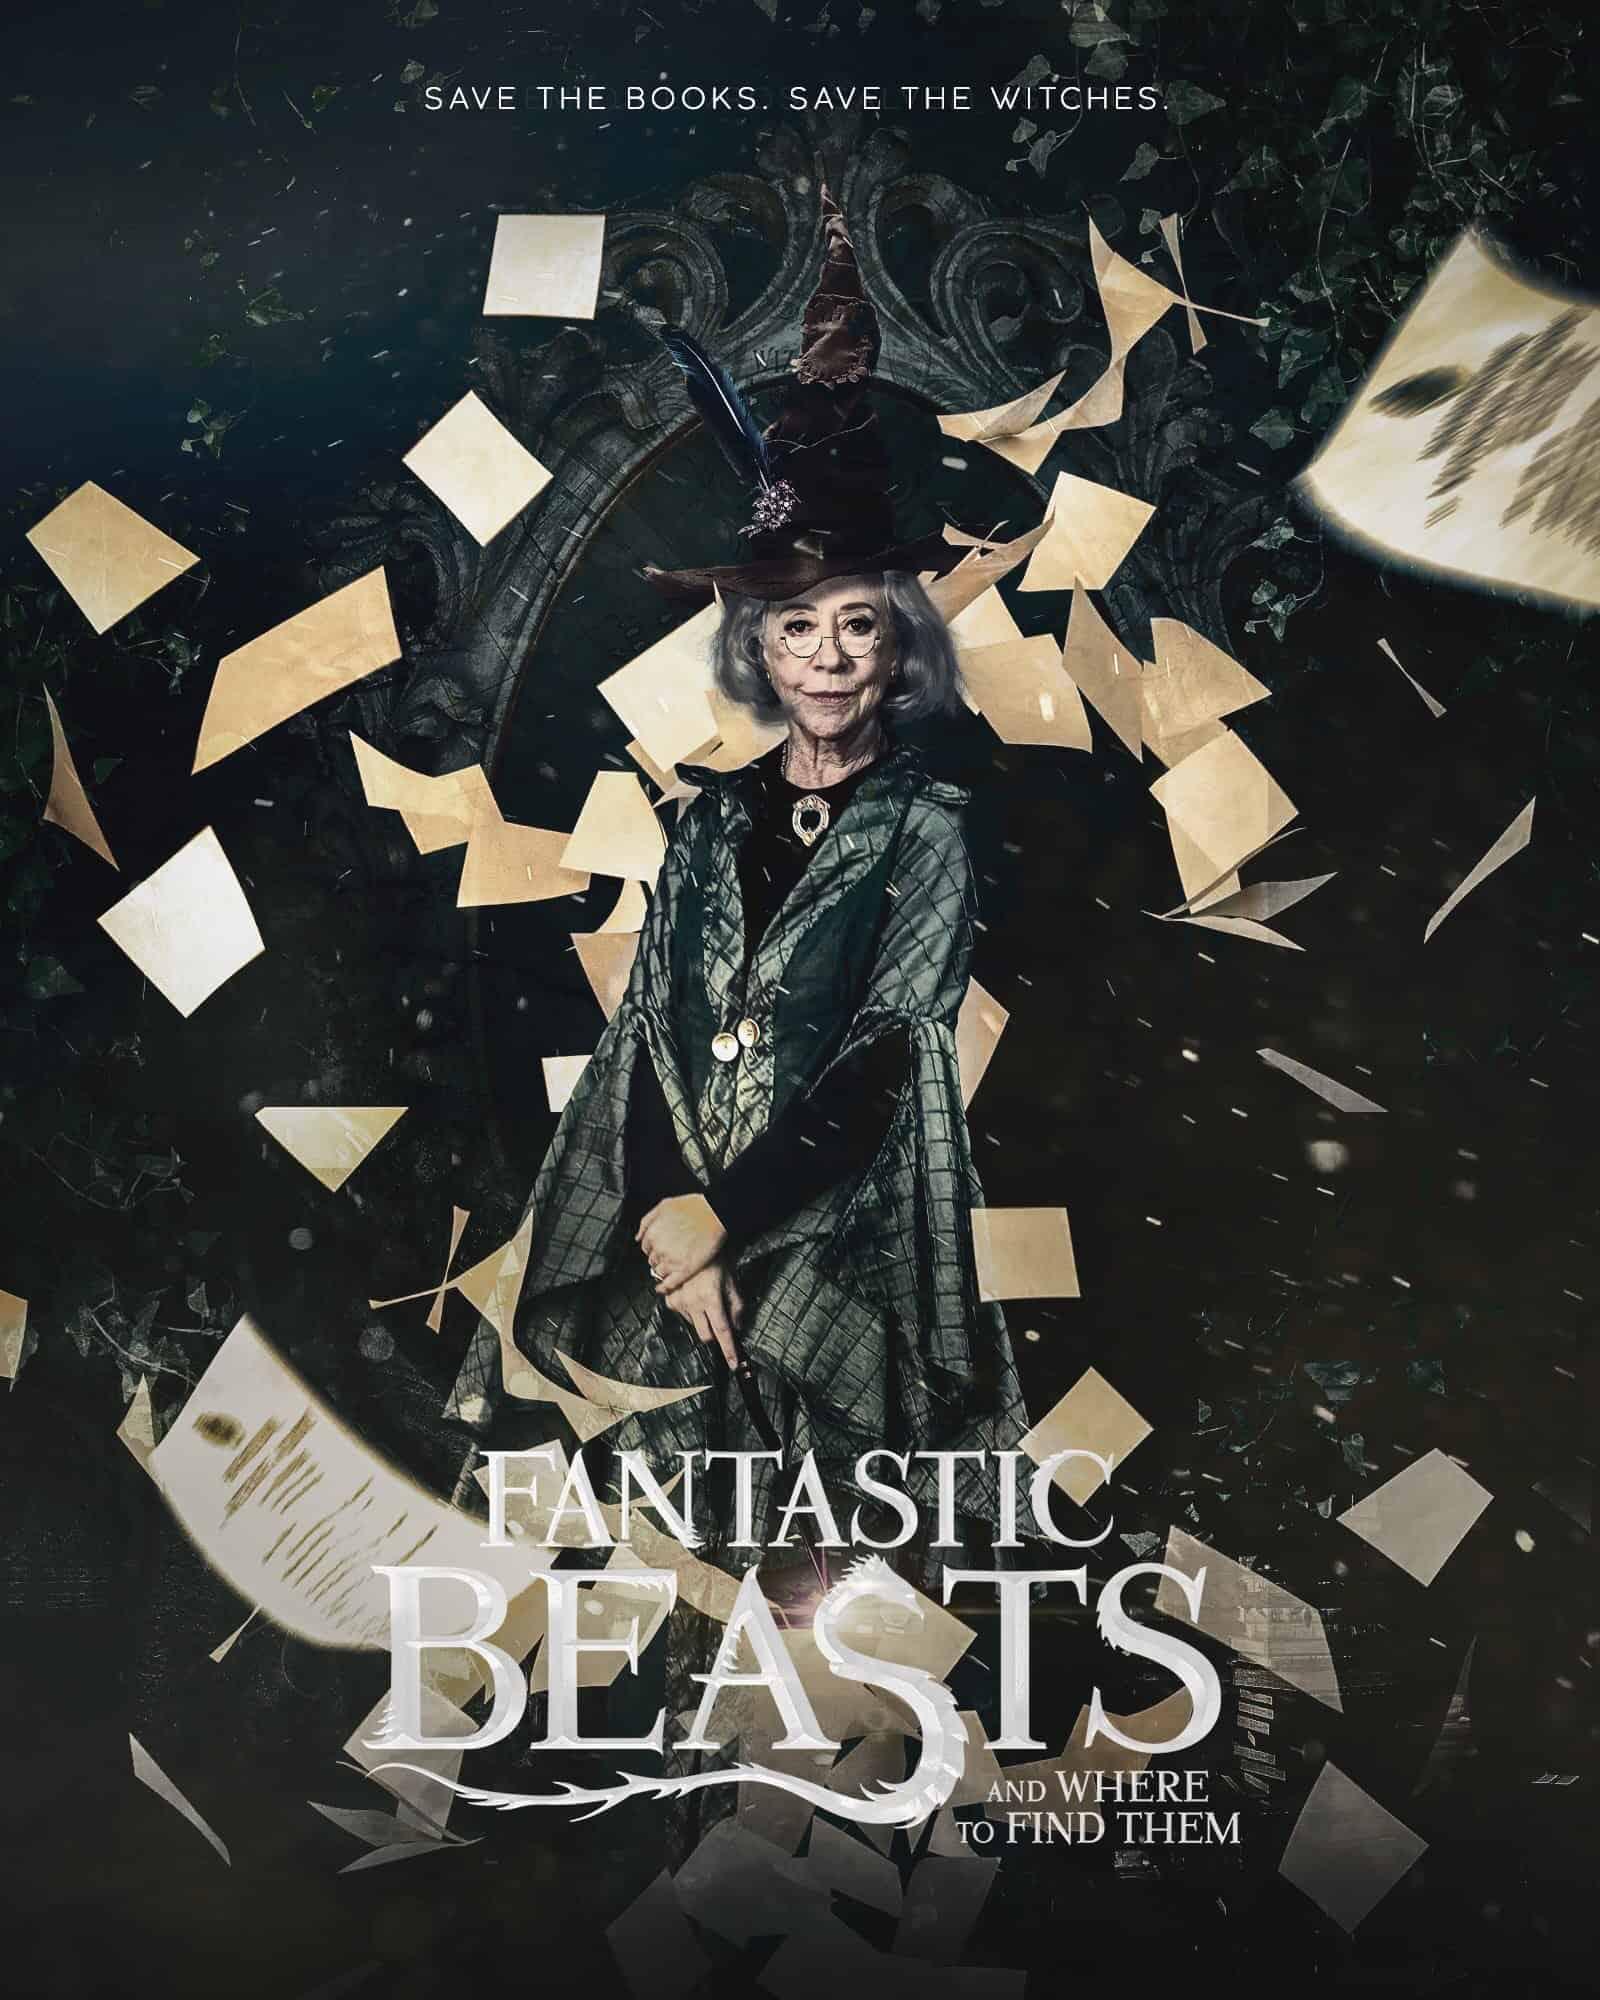 Potterish :: Harry Potter, o Ickabog, Animais Fantásticos e JK Rowling Estou com agenda cheia, diz Fernanda Montenegro sobre possível convite para Animais Fantásticos 3